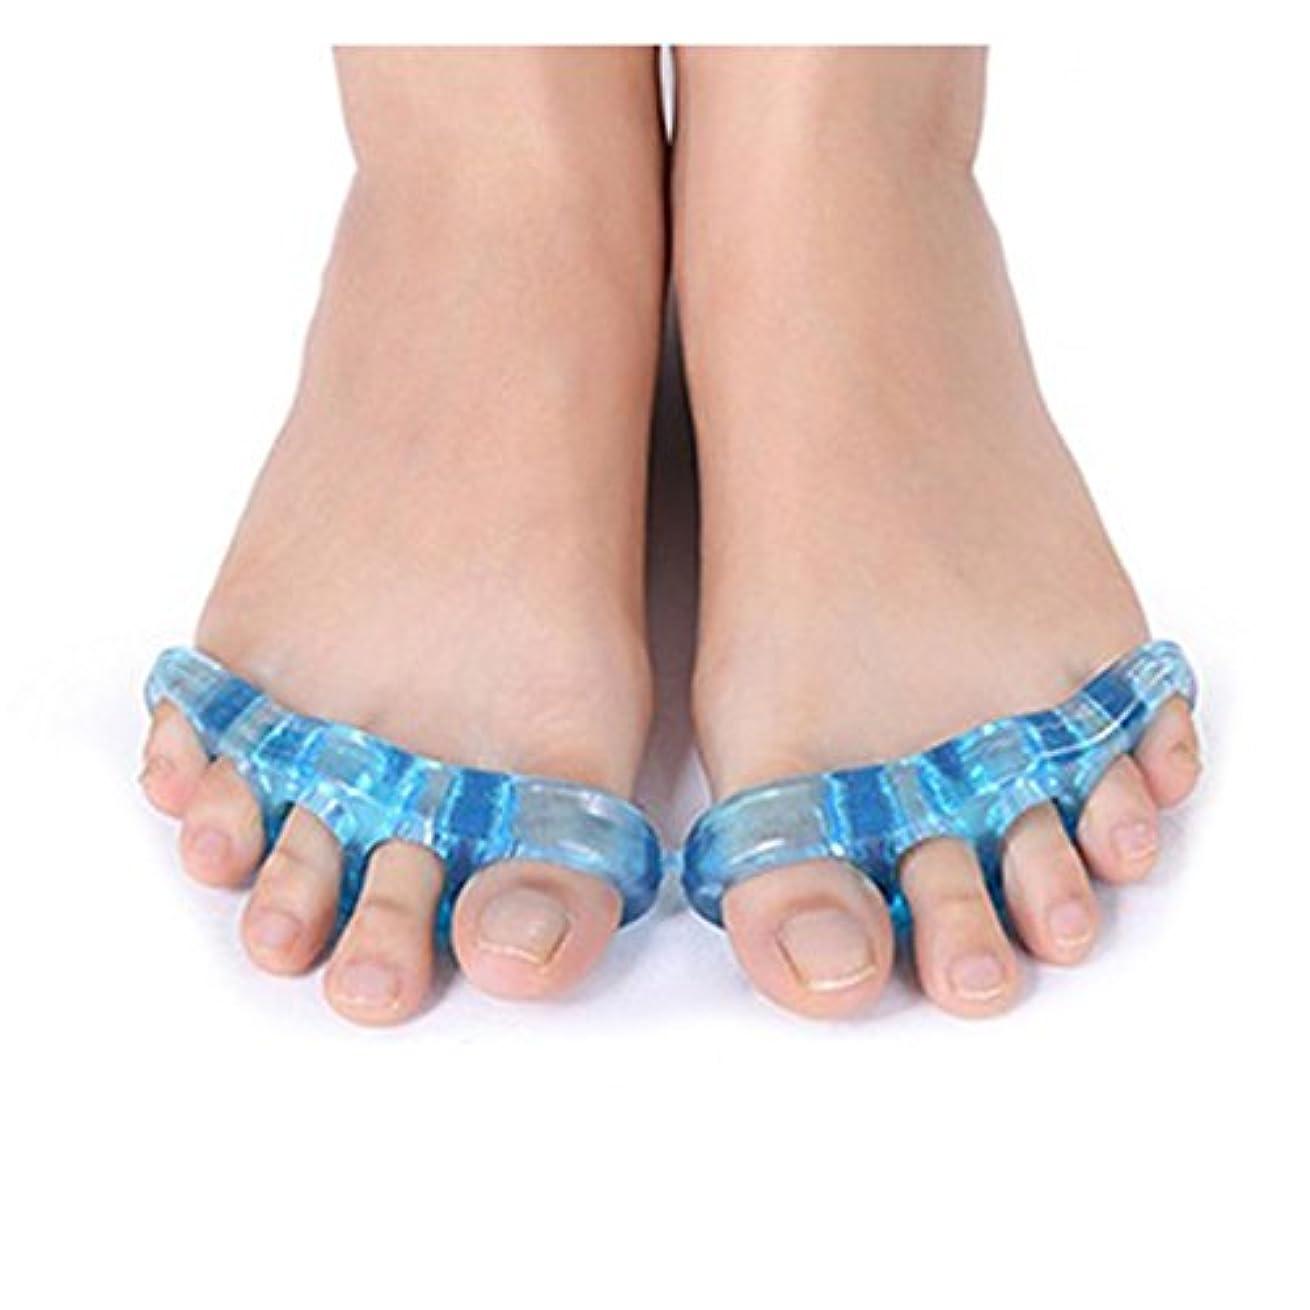 みすぼらしい効果的にコミット足指ストレッチパッド 広げる 足ゆび 5本指 両足セット 足指矯正 外反母趾 つま先 (大(約12cm))